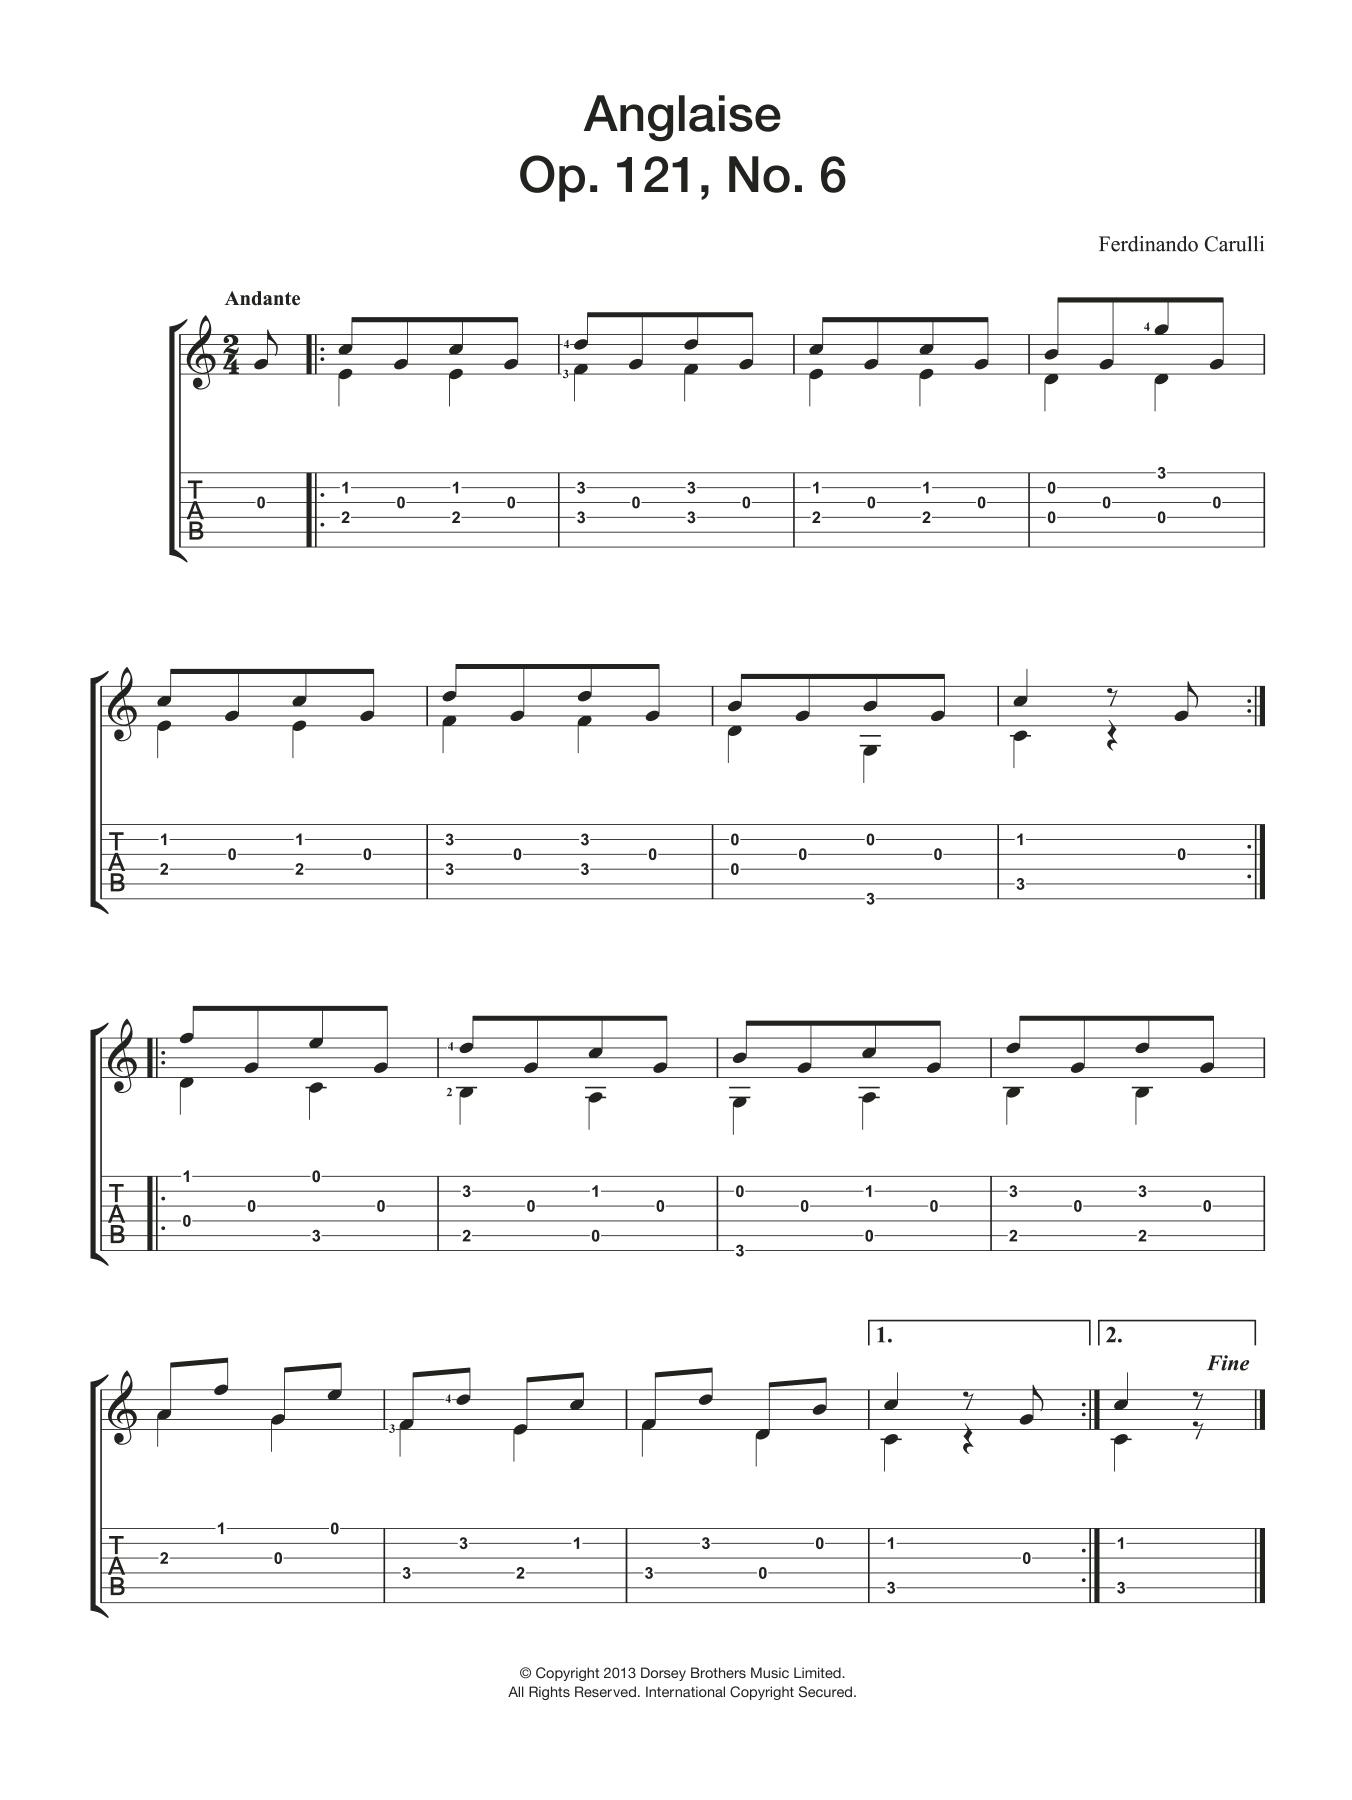 Ferdinando Carulli - Anglaise Op. 121, No. 6